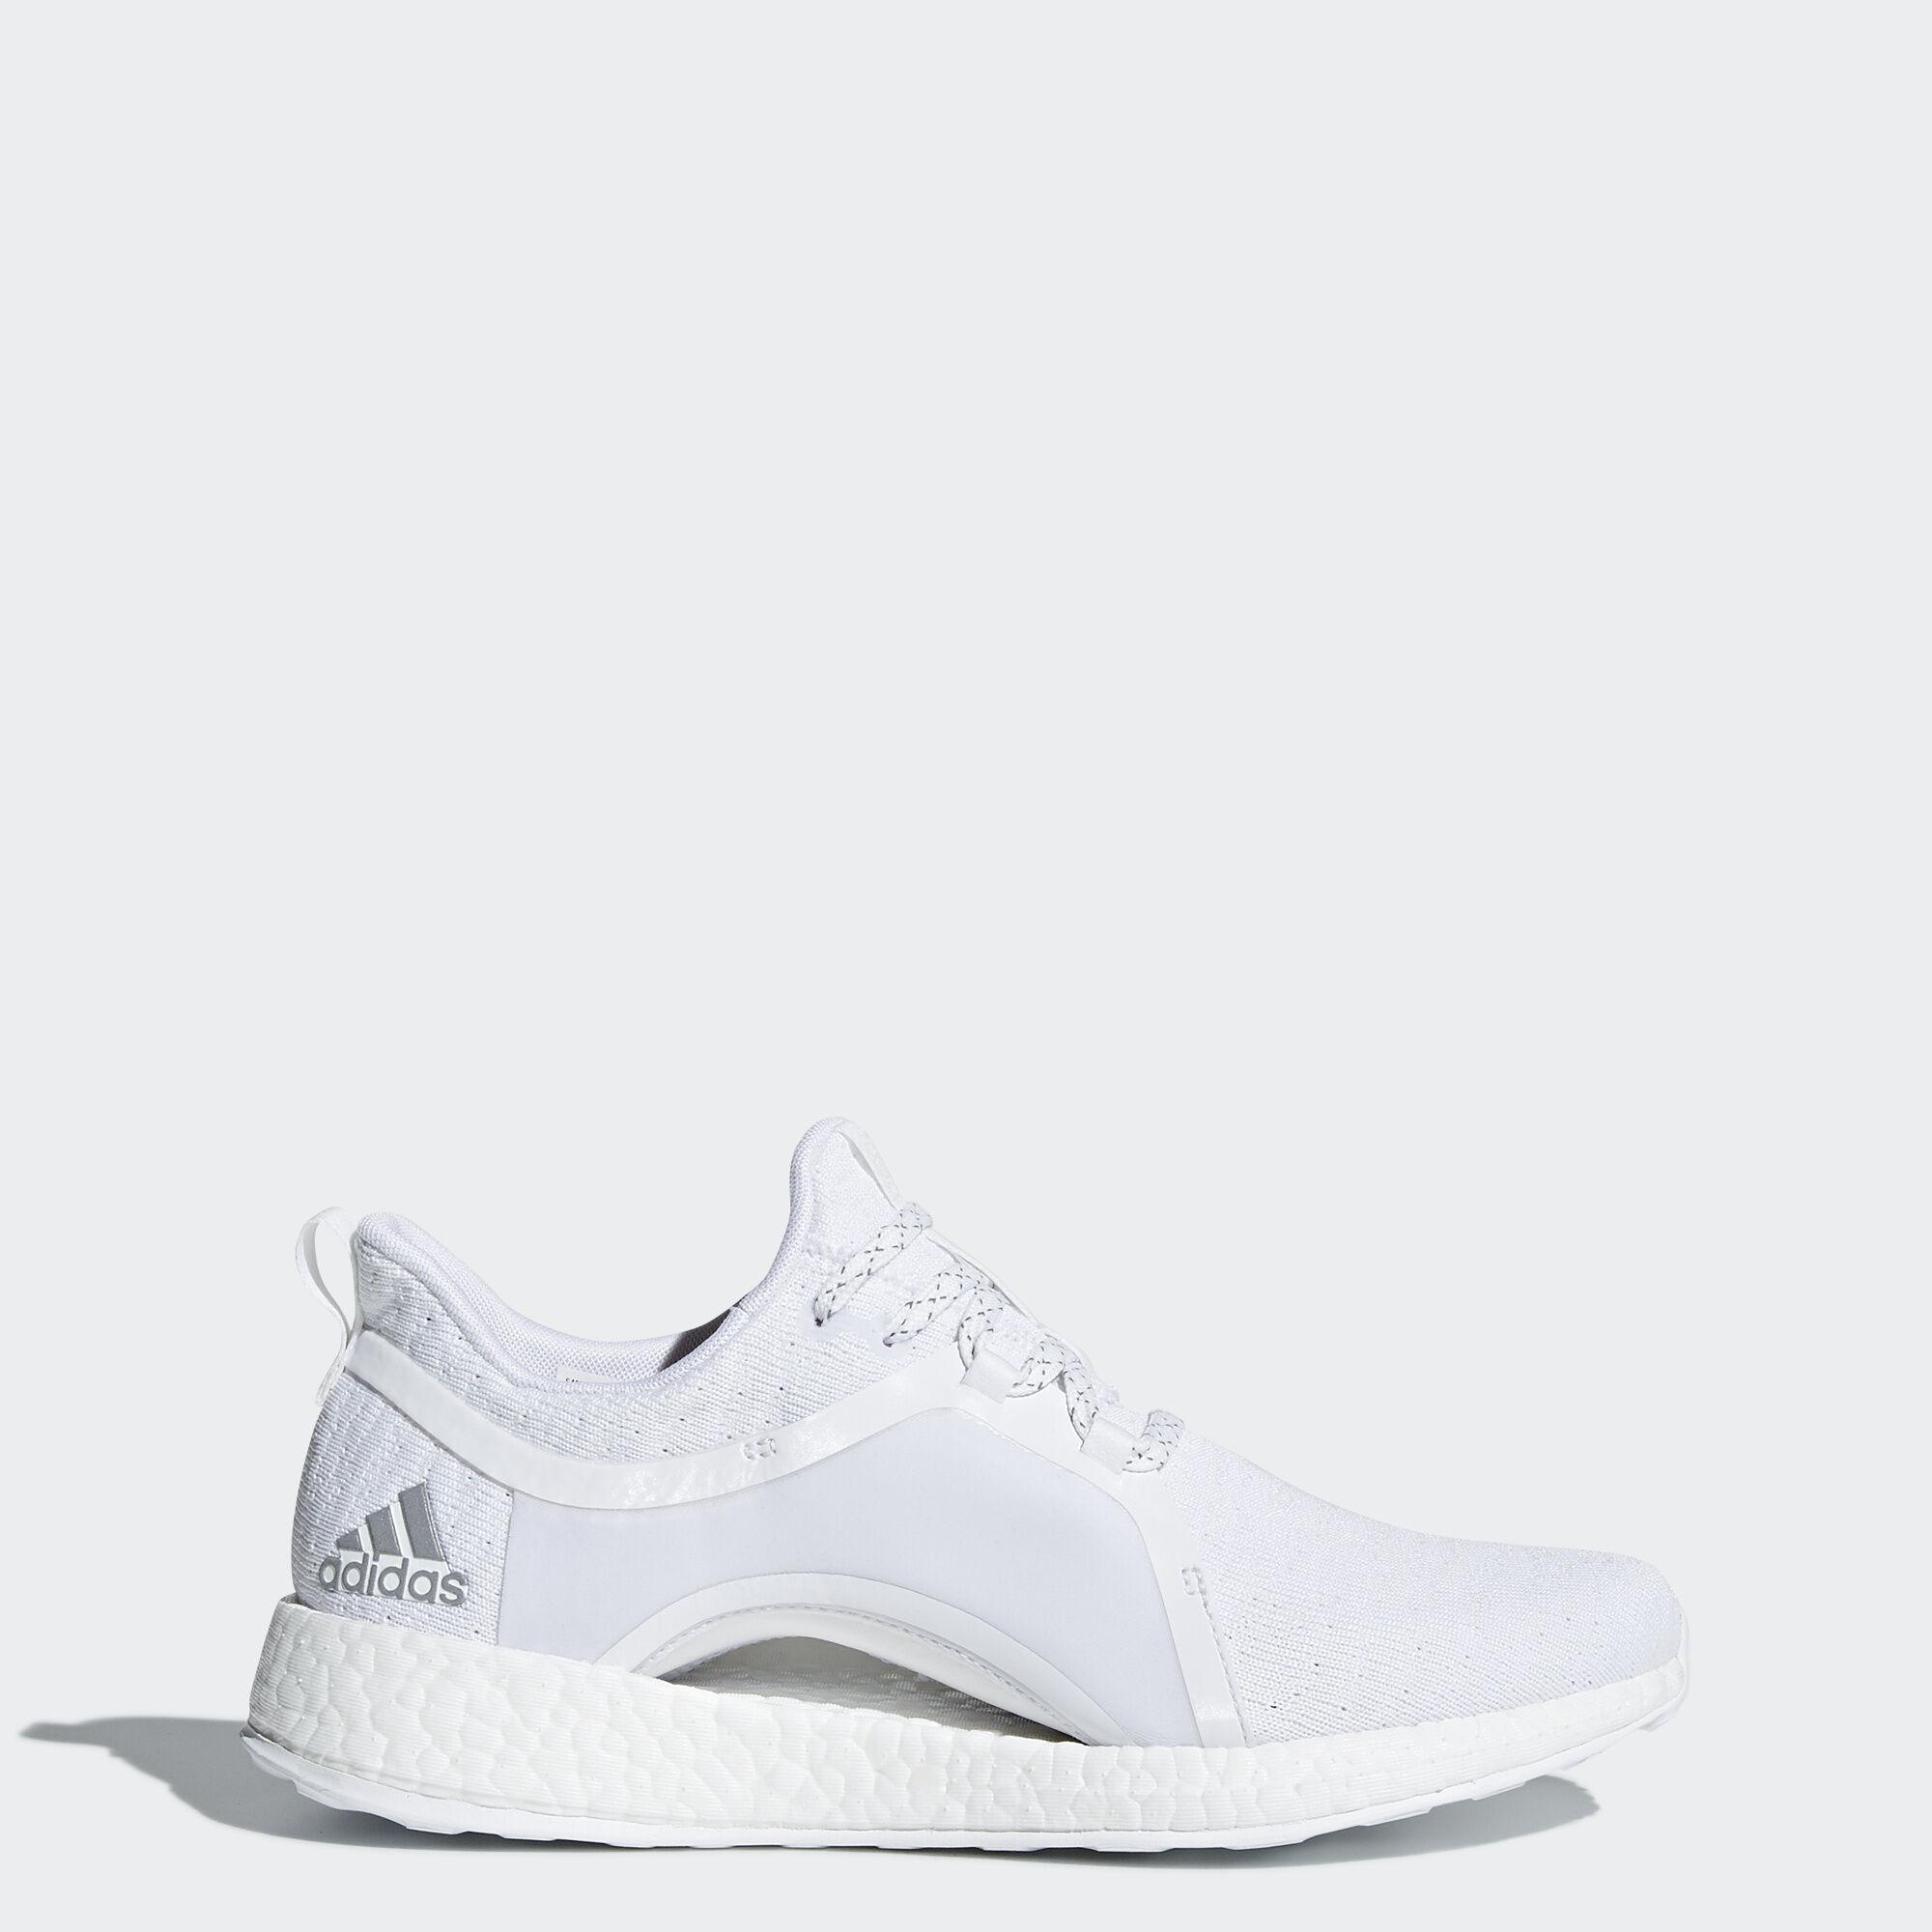 adidas Γυναικεία Λευκό Τρέξιμο Παπούτσια Διάδρομος